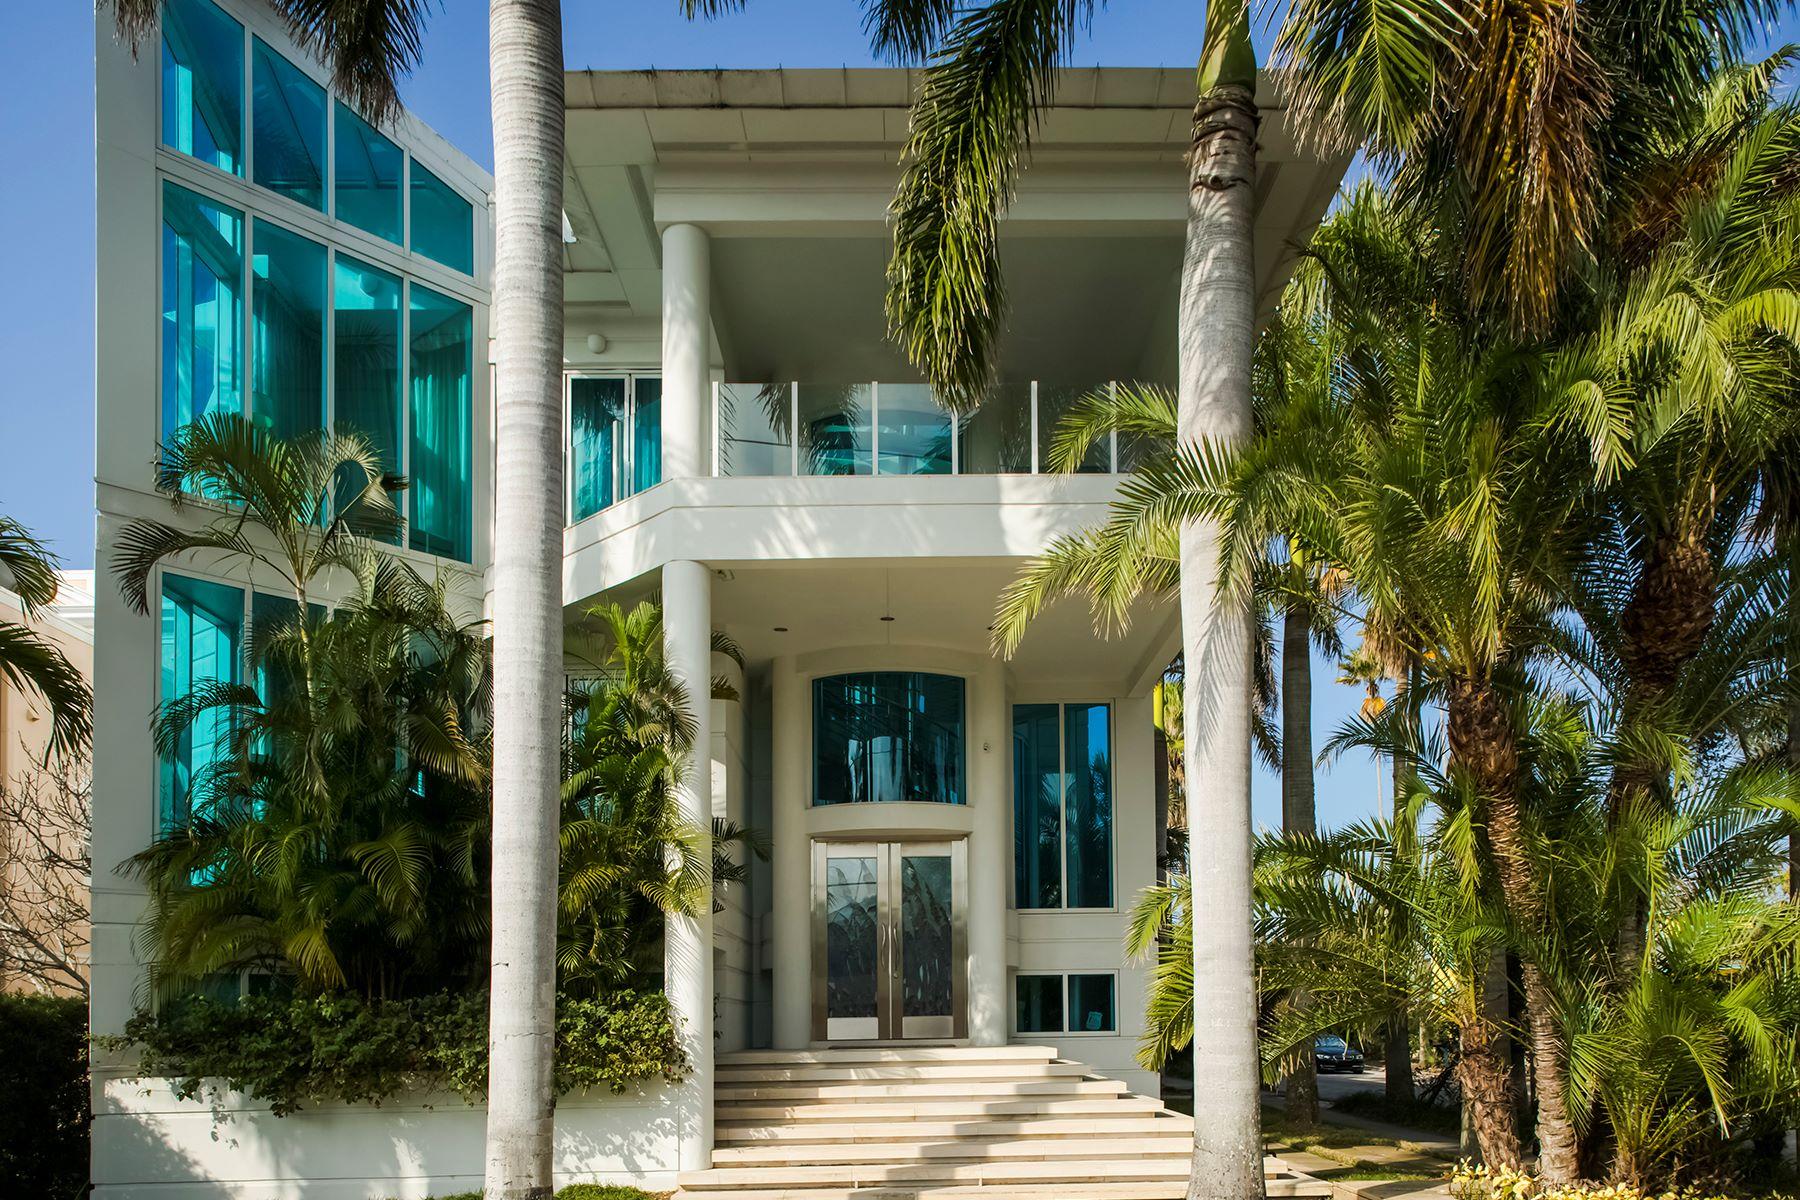 Частный односемейный дом для того Продажа на ST PETE BEACH 2917 Sunset Way St. Pete Beach, Флорида, 33706 Соединенные Штаты